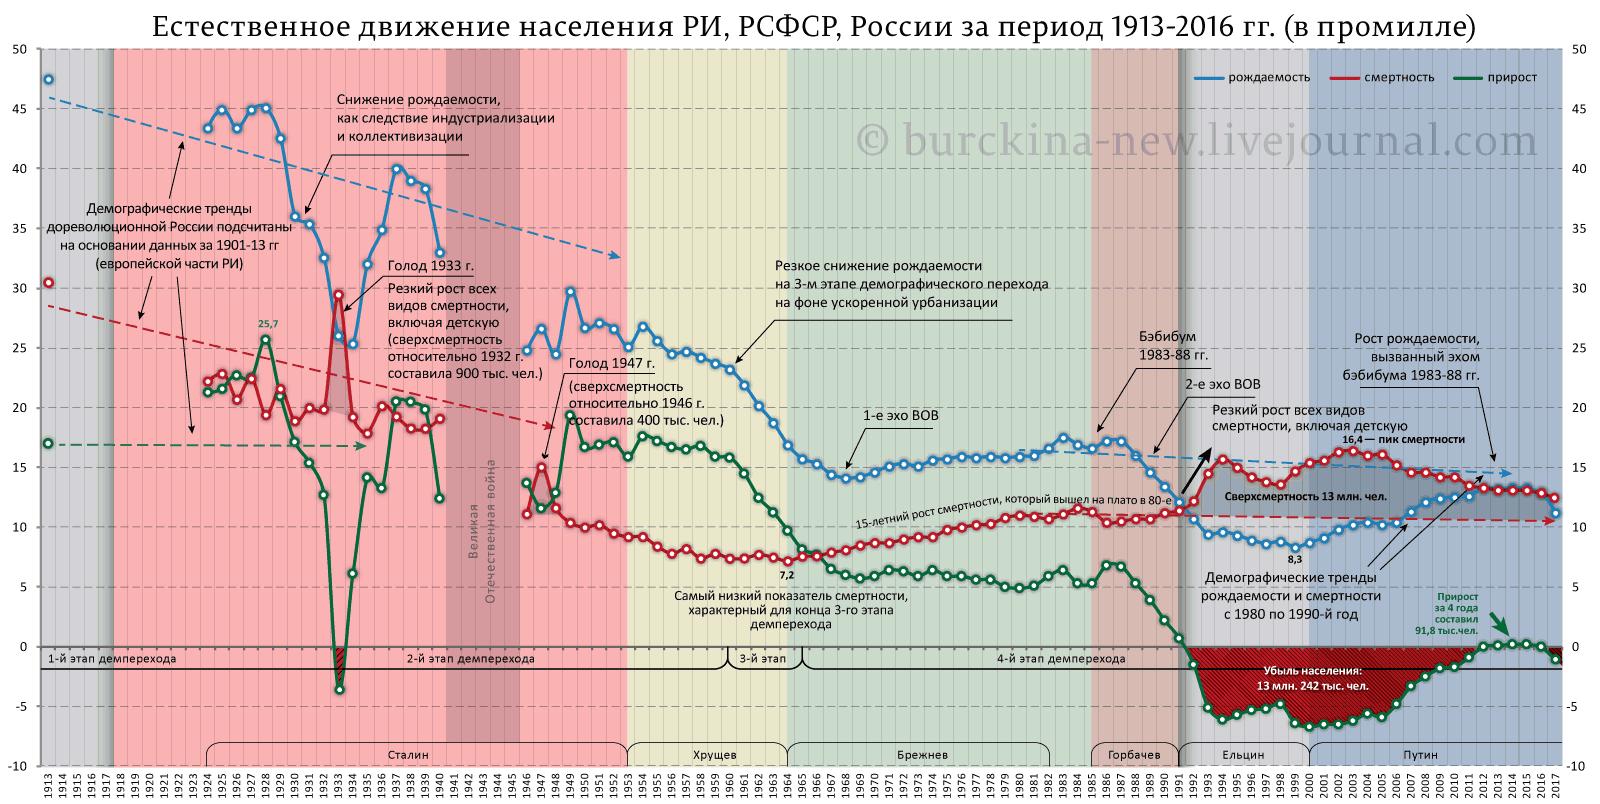 Естественное-движение-населения-РИ,-РСФСР,-России-за-период-1913-2016-гг